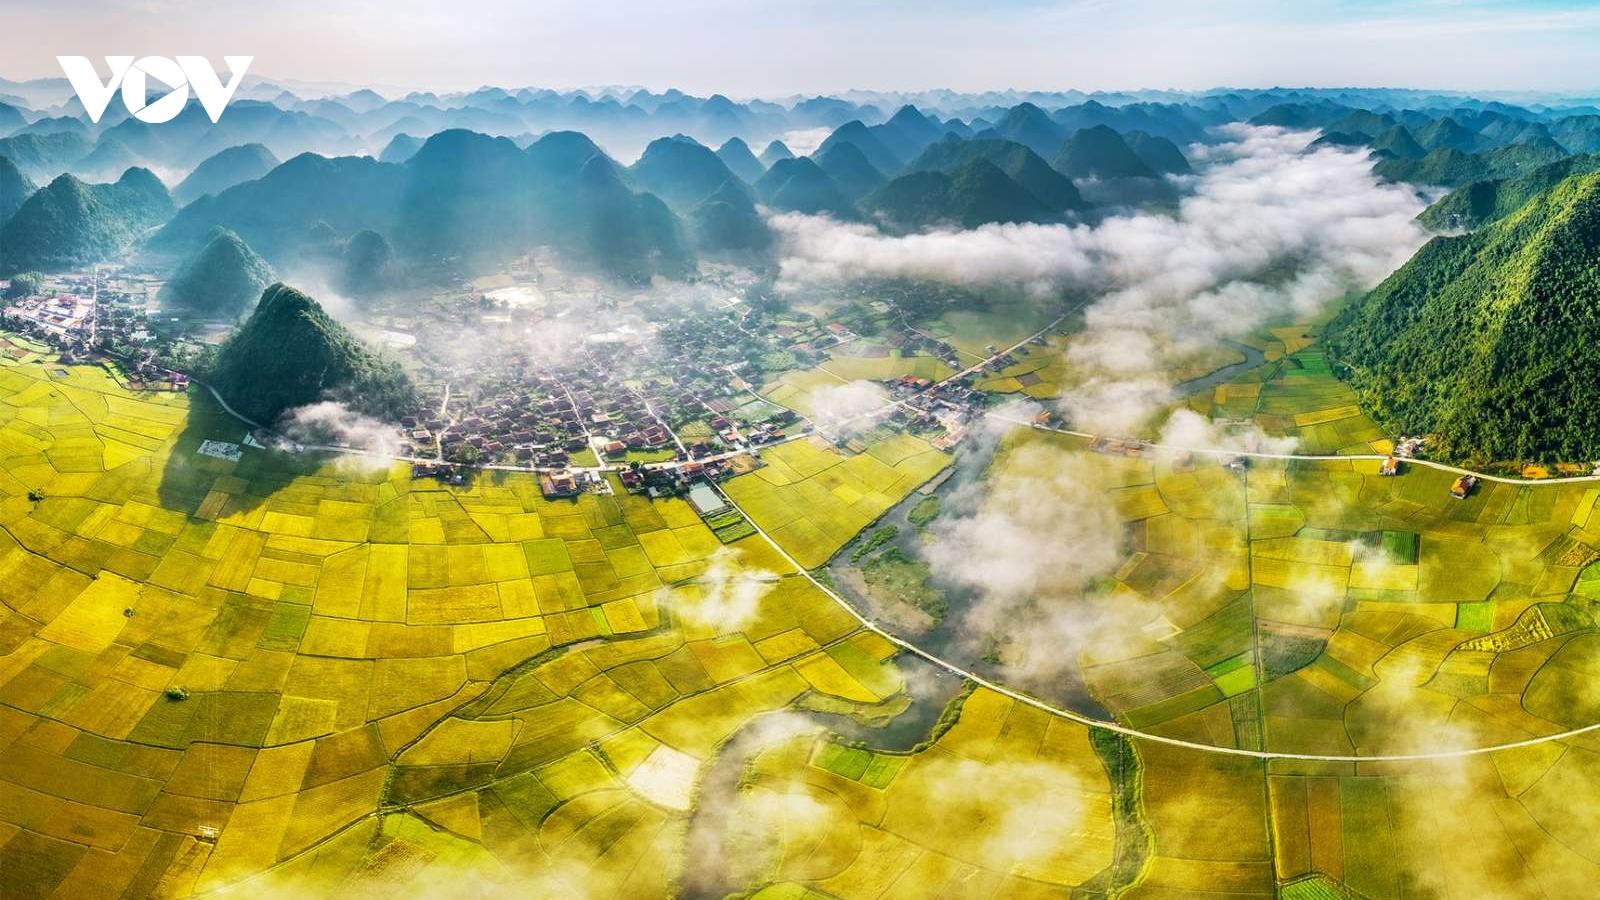 Lạng Sơn đăng cai Ngày hội Văn hóa, Thể thao và Du lịch các dân tộc vùng Đông Bắc